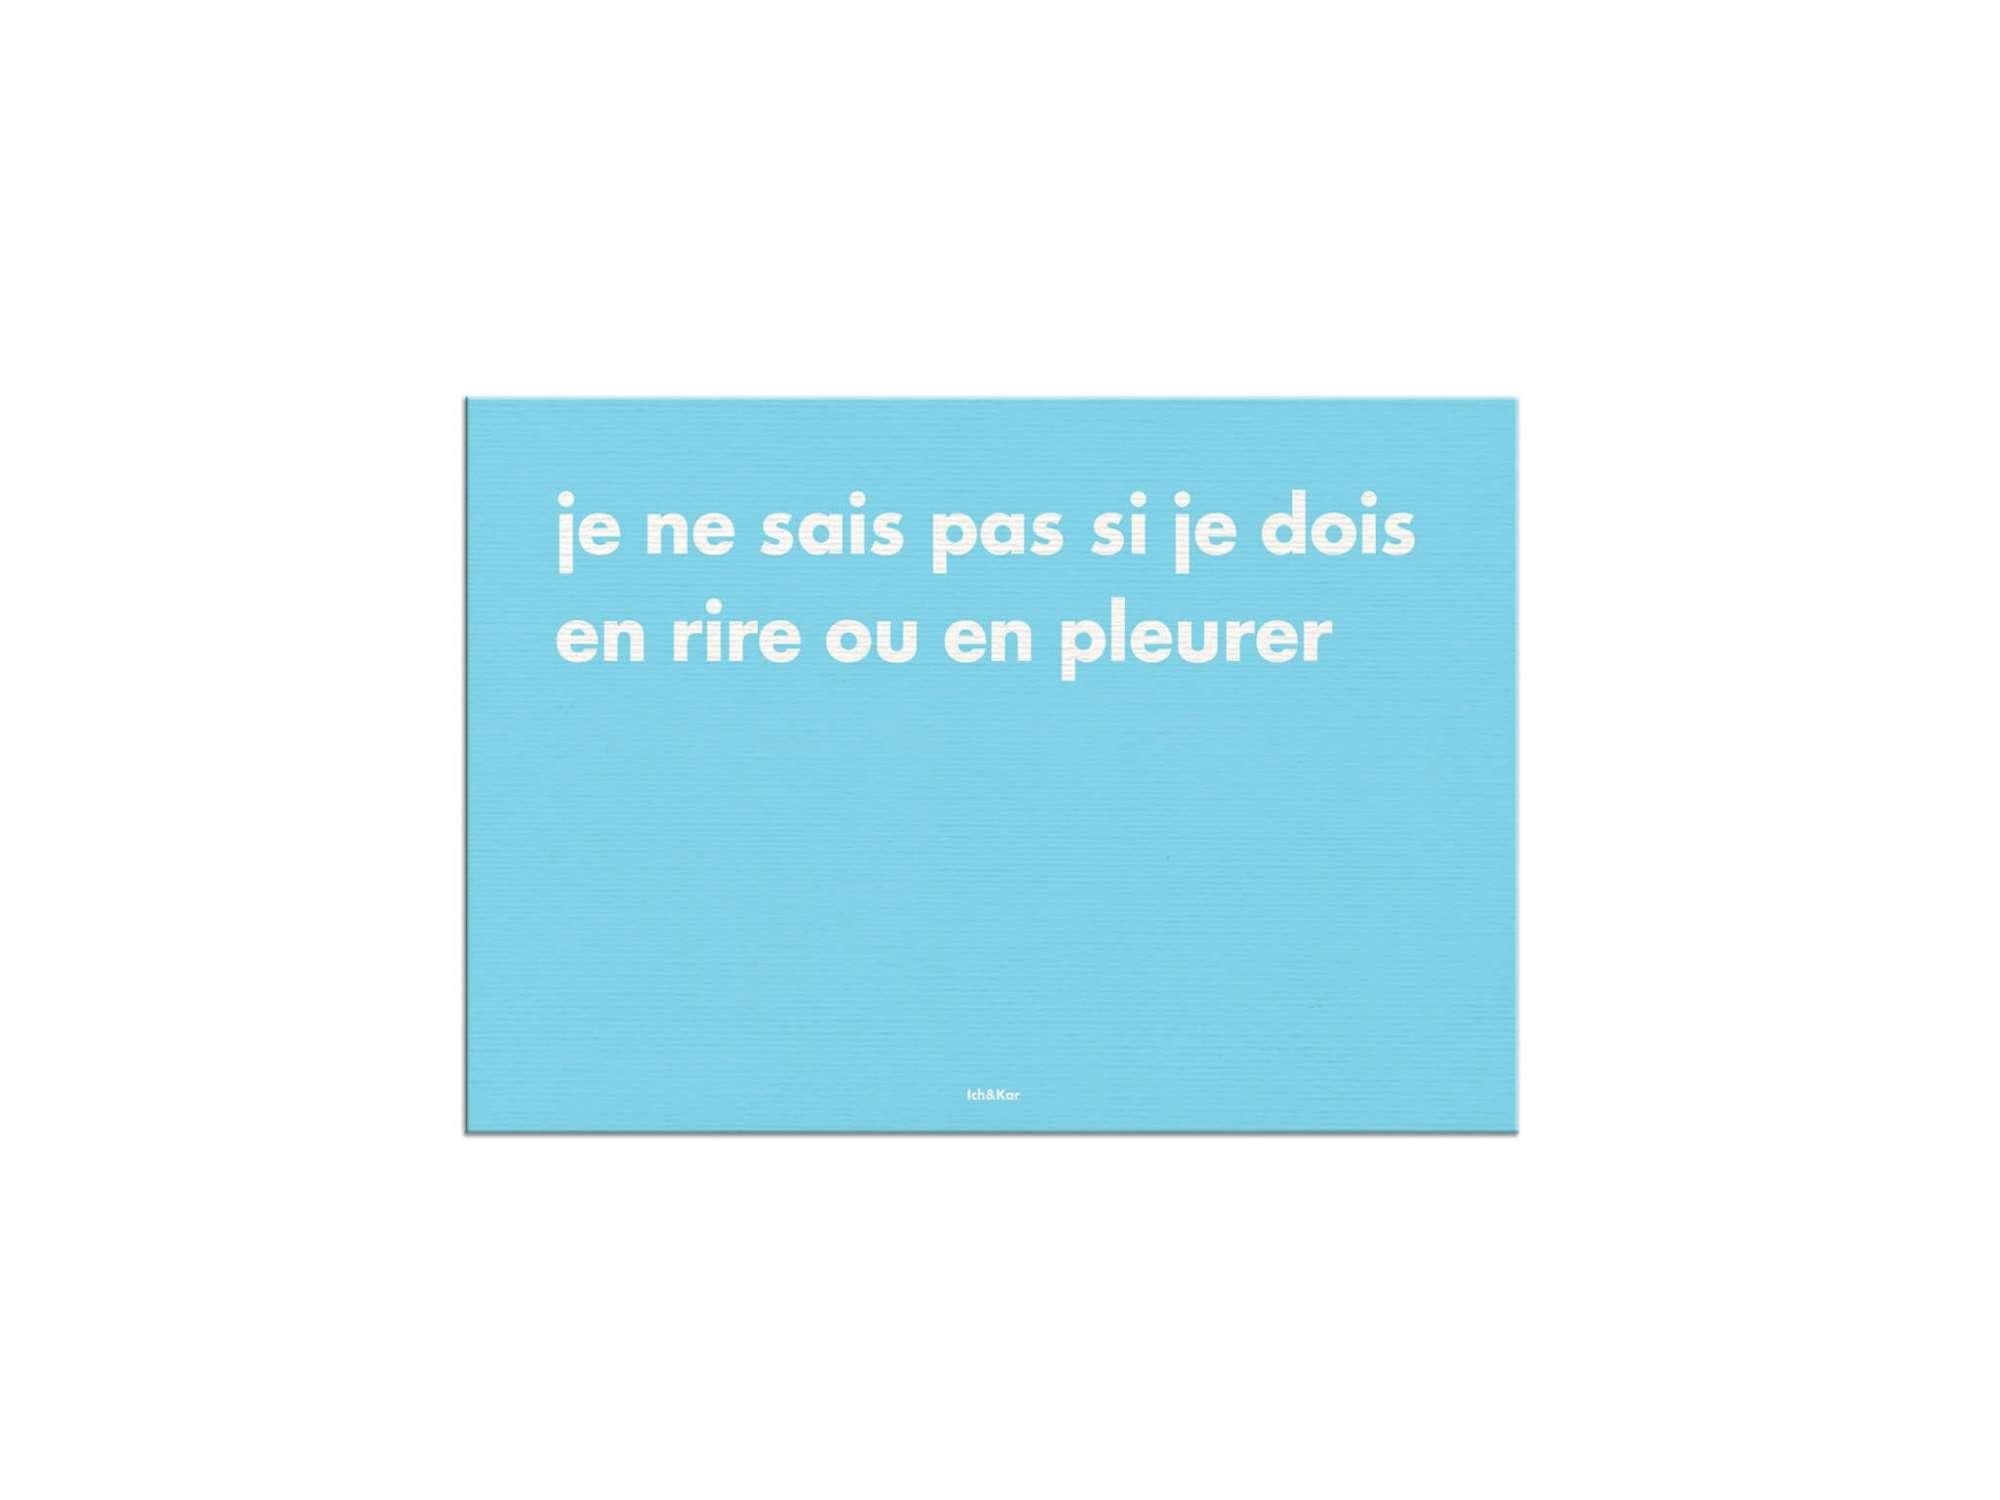 """""""je ne sais pas si je dois en rire ou en pleurer"""" carte bleu clair expressions françaises"""